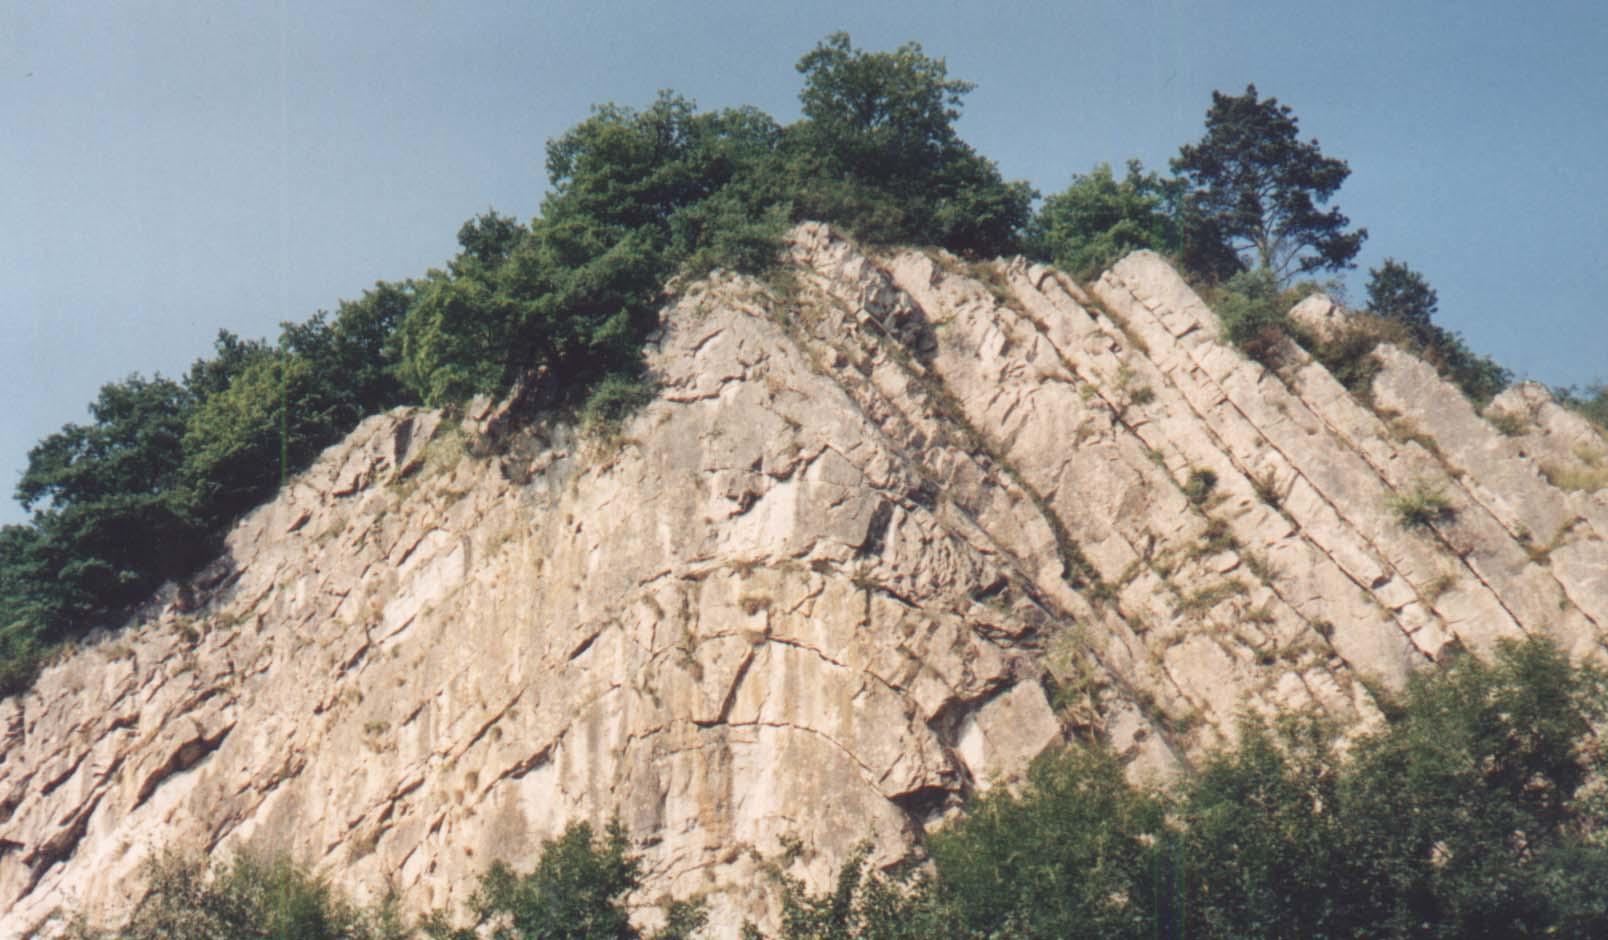 Proyecto biosfera for Roca definicion